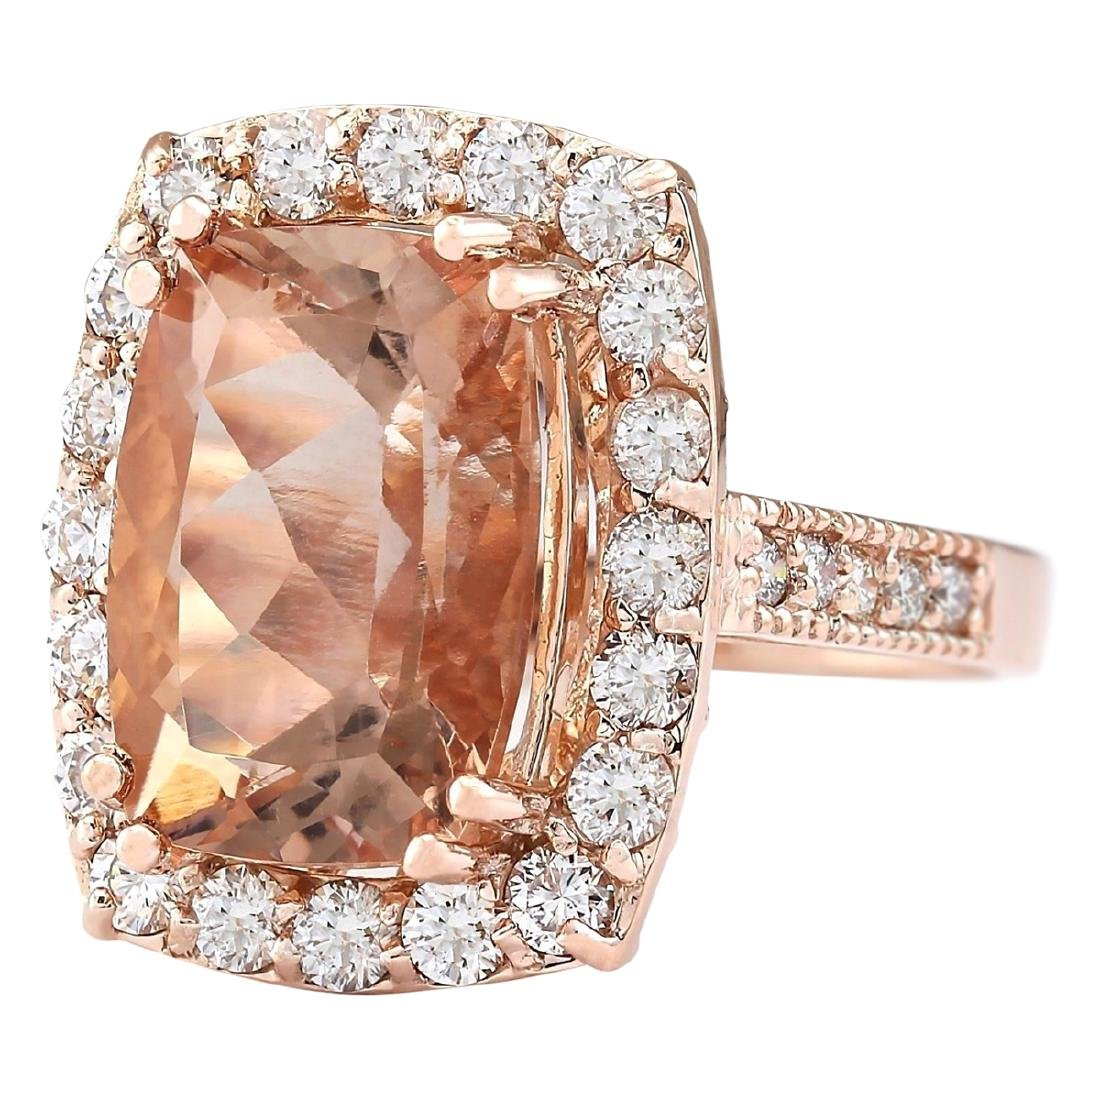 8.31 CTW Natural Morganite And Diamond Ring In 18K Rose - 2